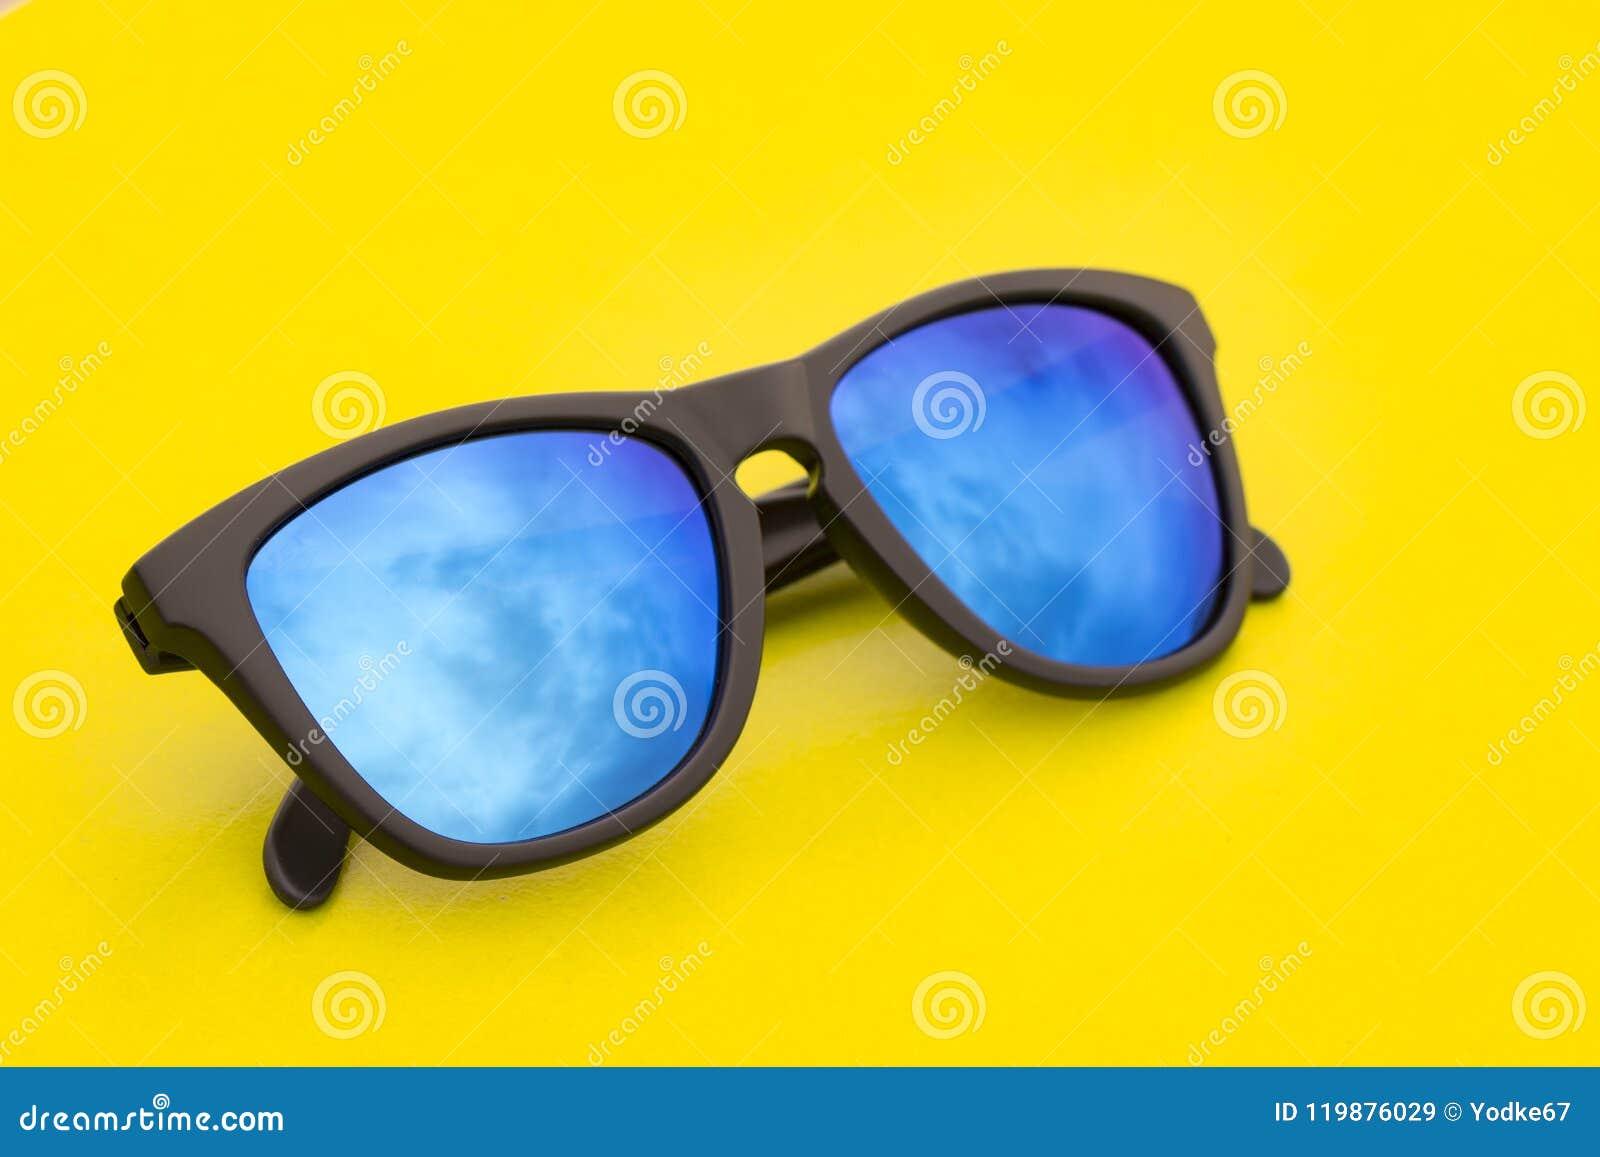 6a3b6a8974aa1 Imagem De óculos De Sol Elegantes Modernos No Fundo Amarelo Imagem ...